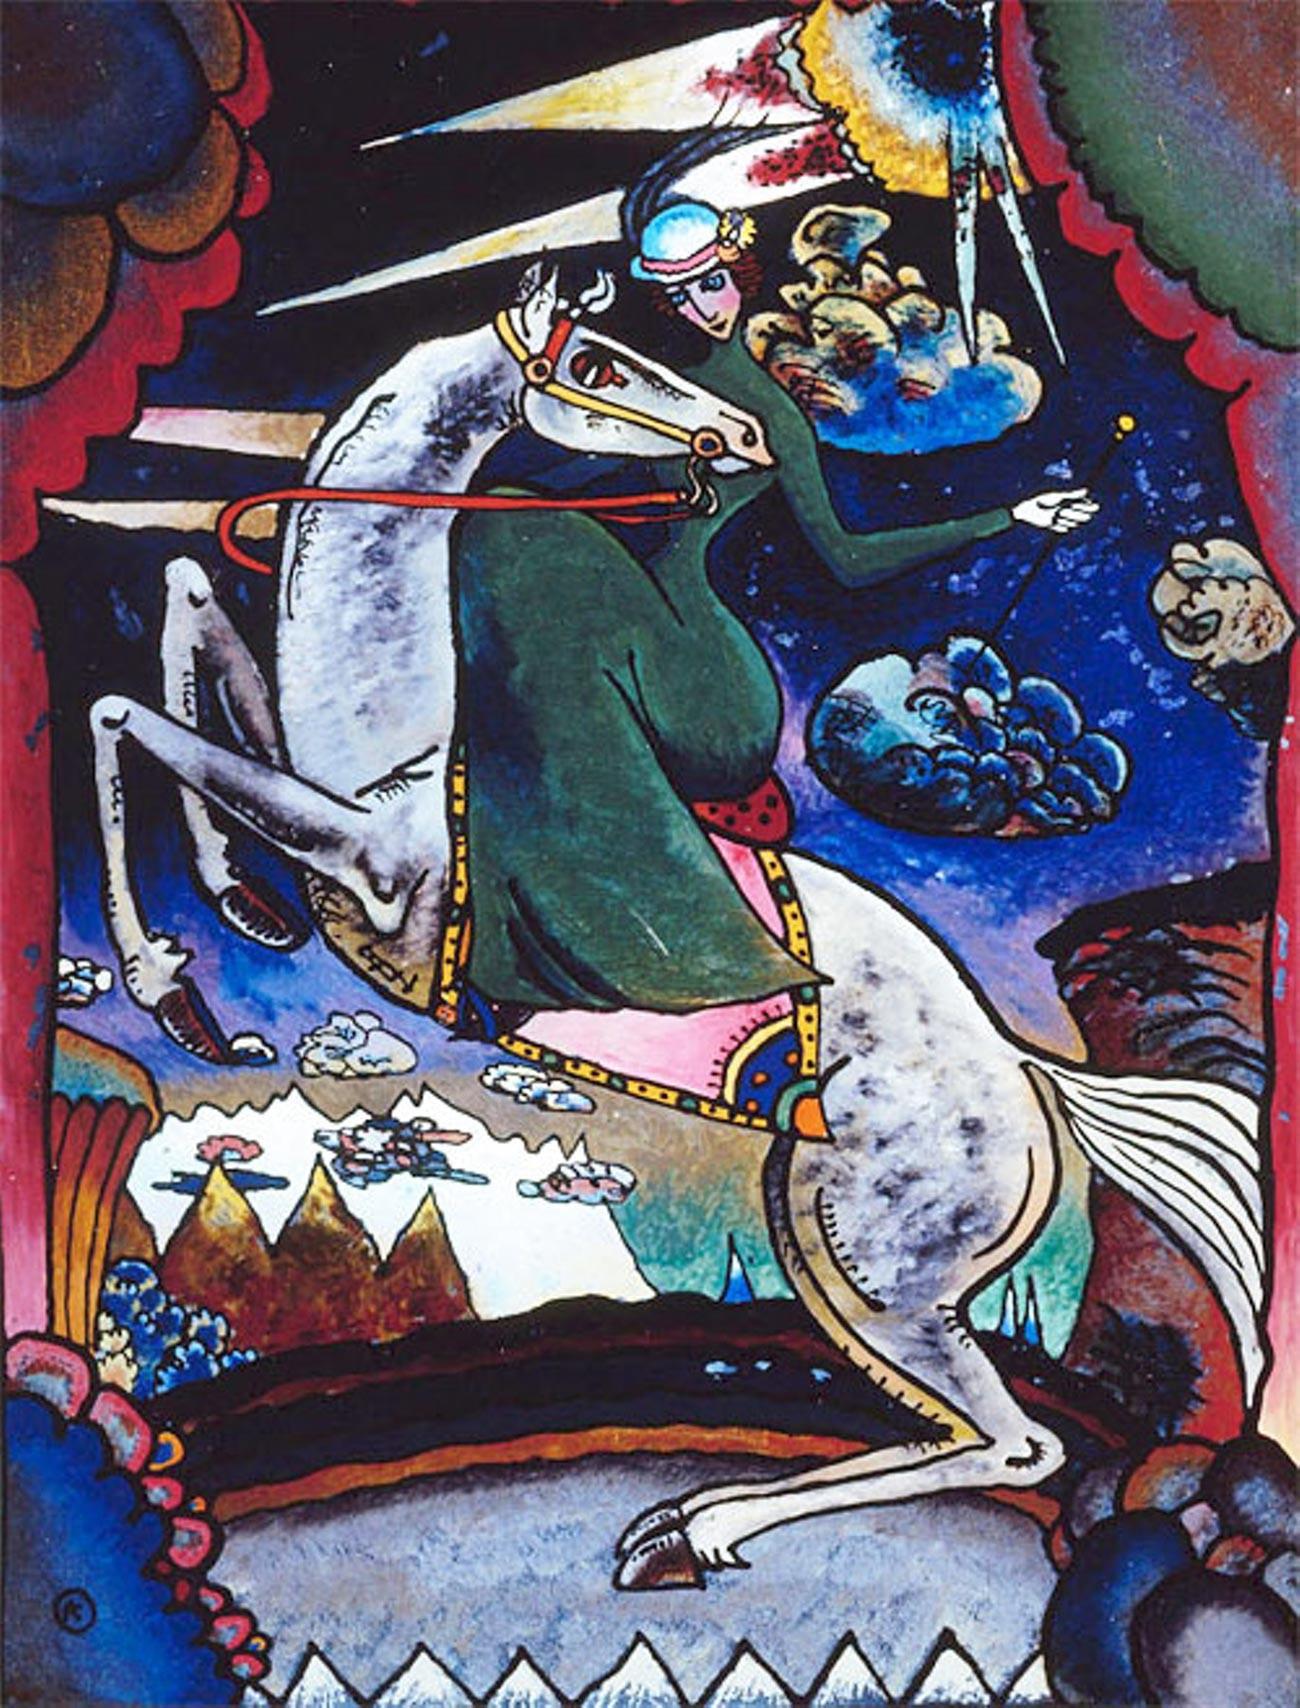 ガラス絵「山中を疾駆する女騎士」、ワシリー・カンディンスキー、1918年